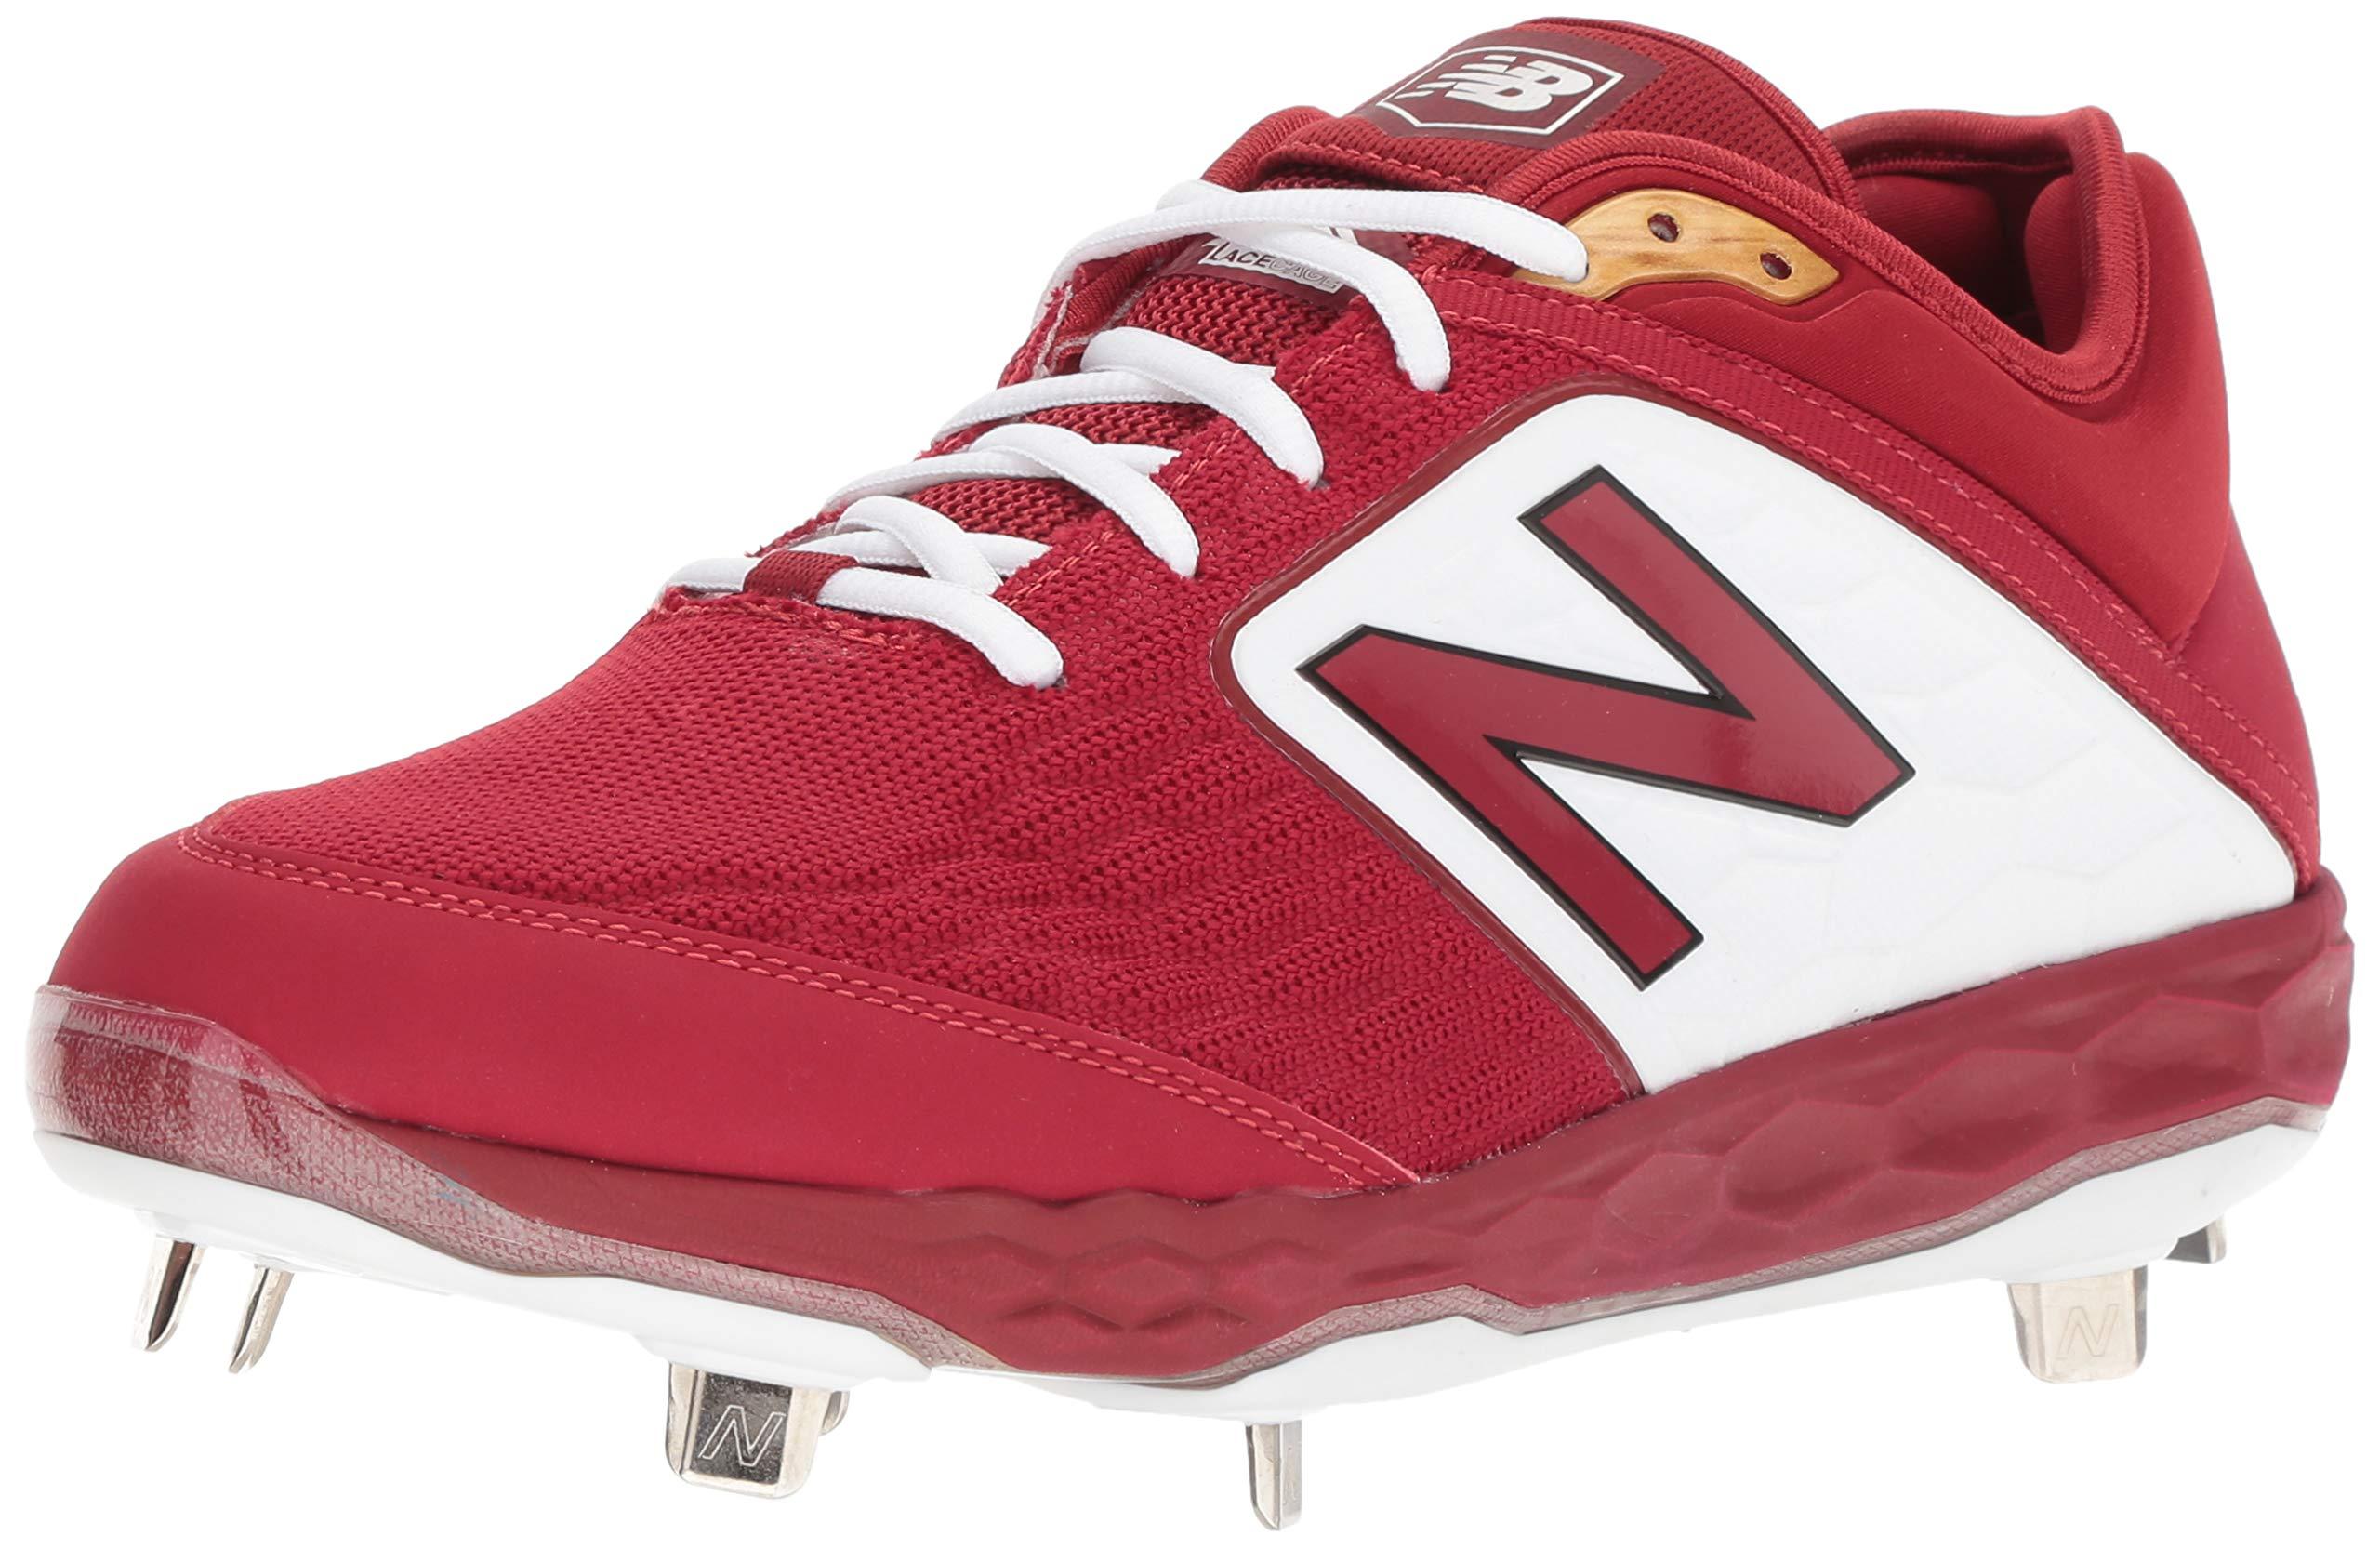 New Balance Men's 3000v4 Baseball Shoe, Team Crimson, 5 D US